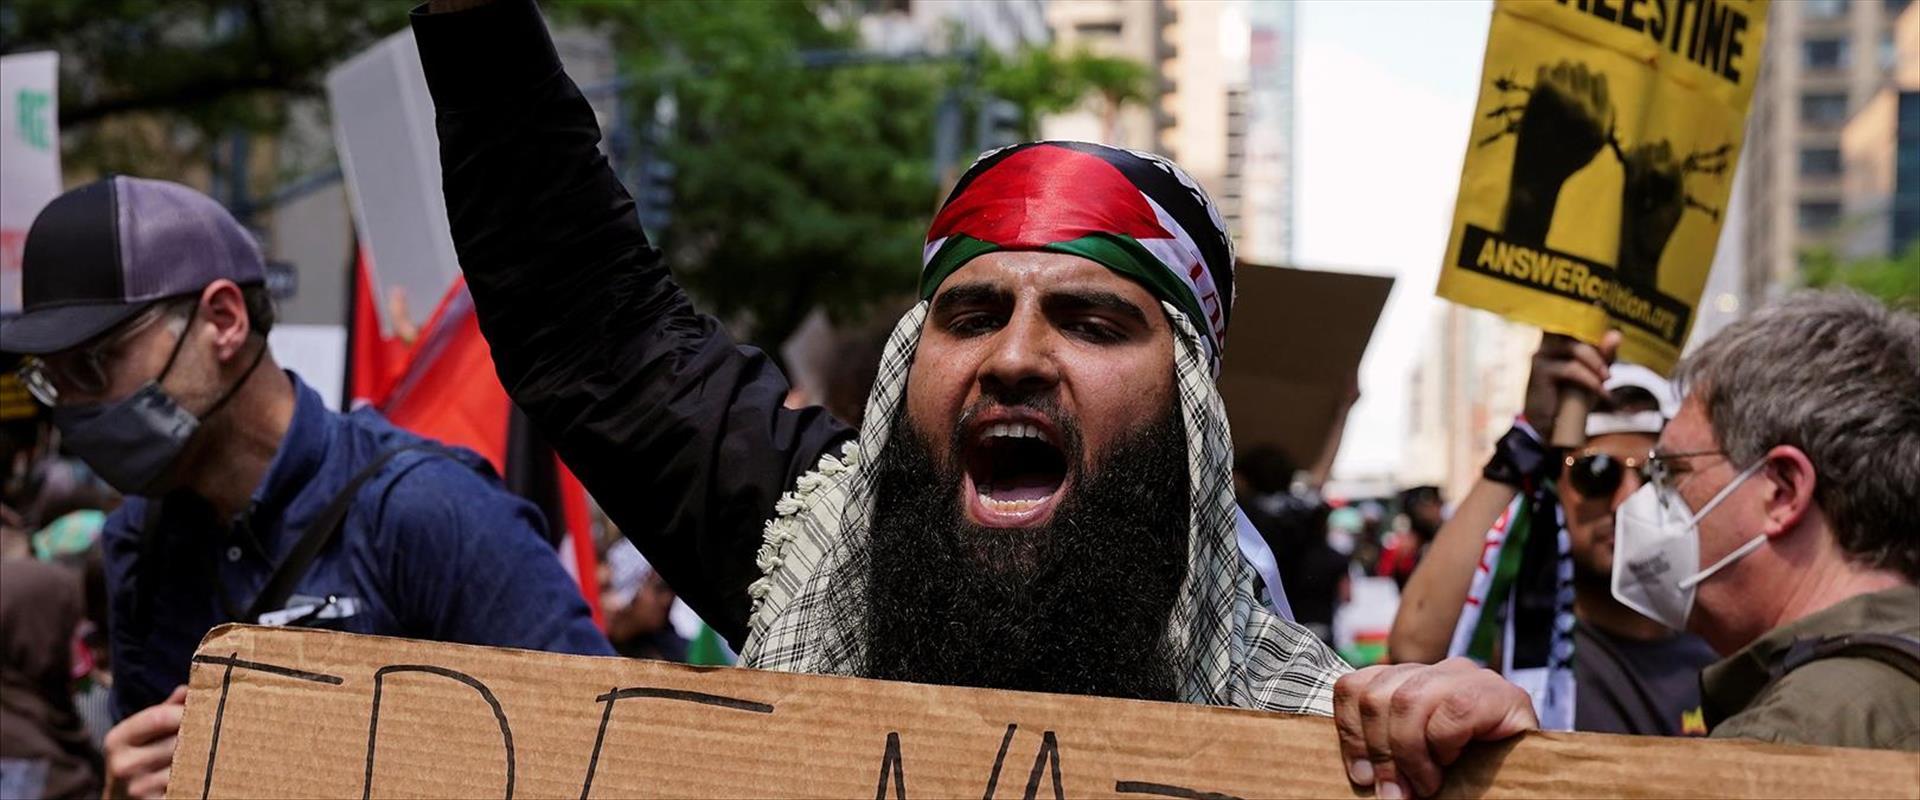 הפגנה פרו-פלסטינית בניו יורק, השבוע